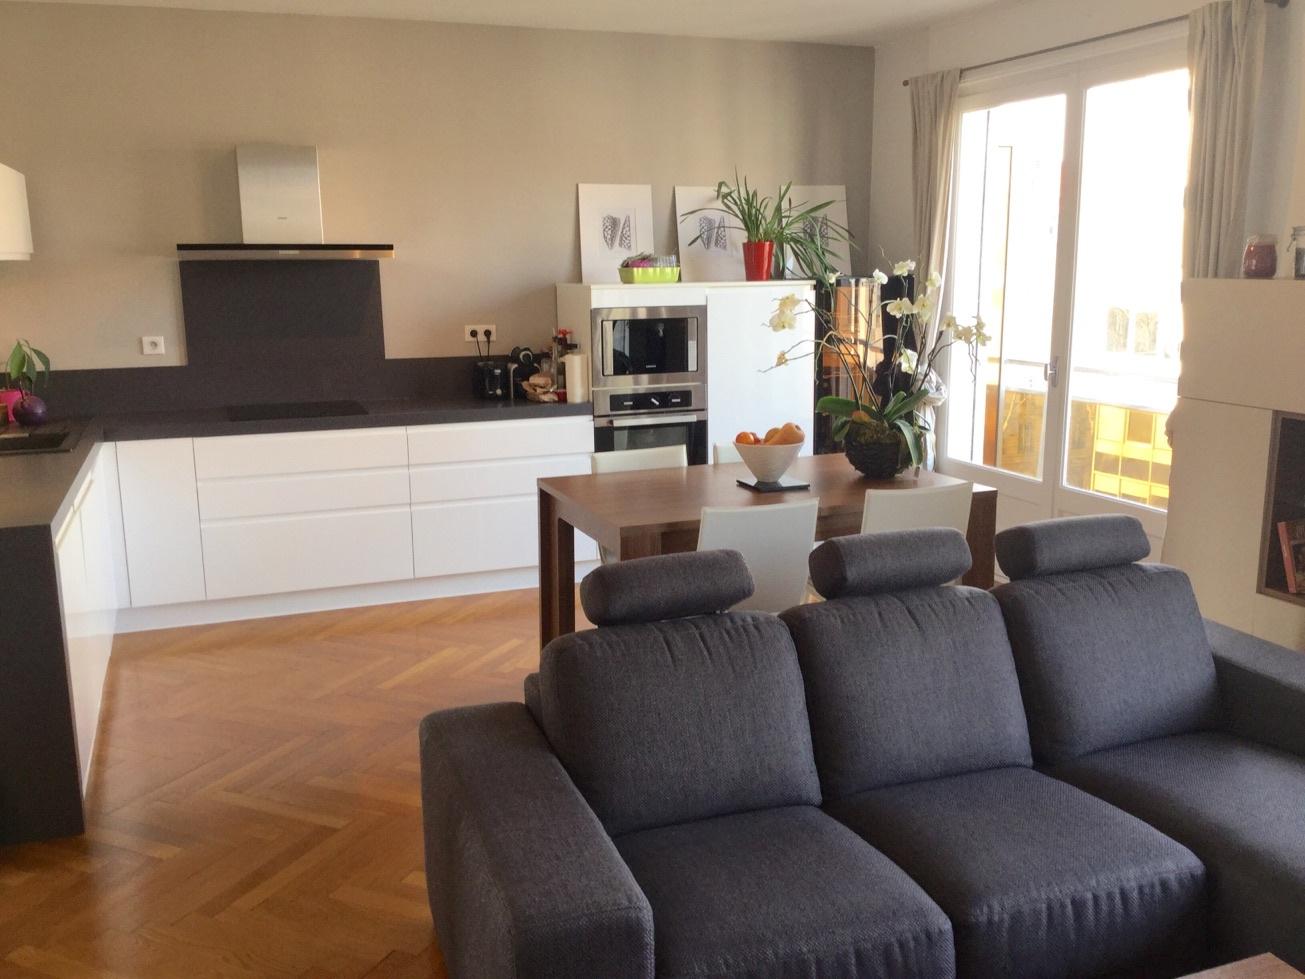 vente appartement t3 pr fecture lyon 3. Black Bedroom Furniture Sets. Home Design Ideas